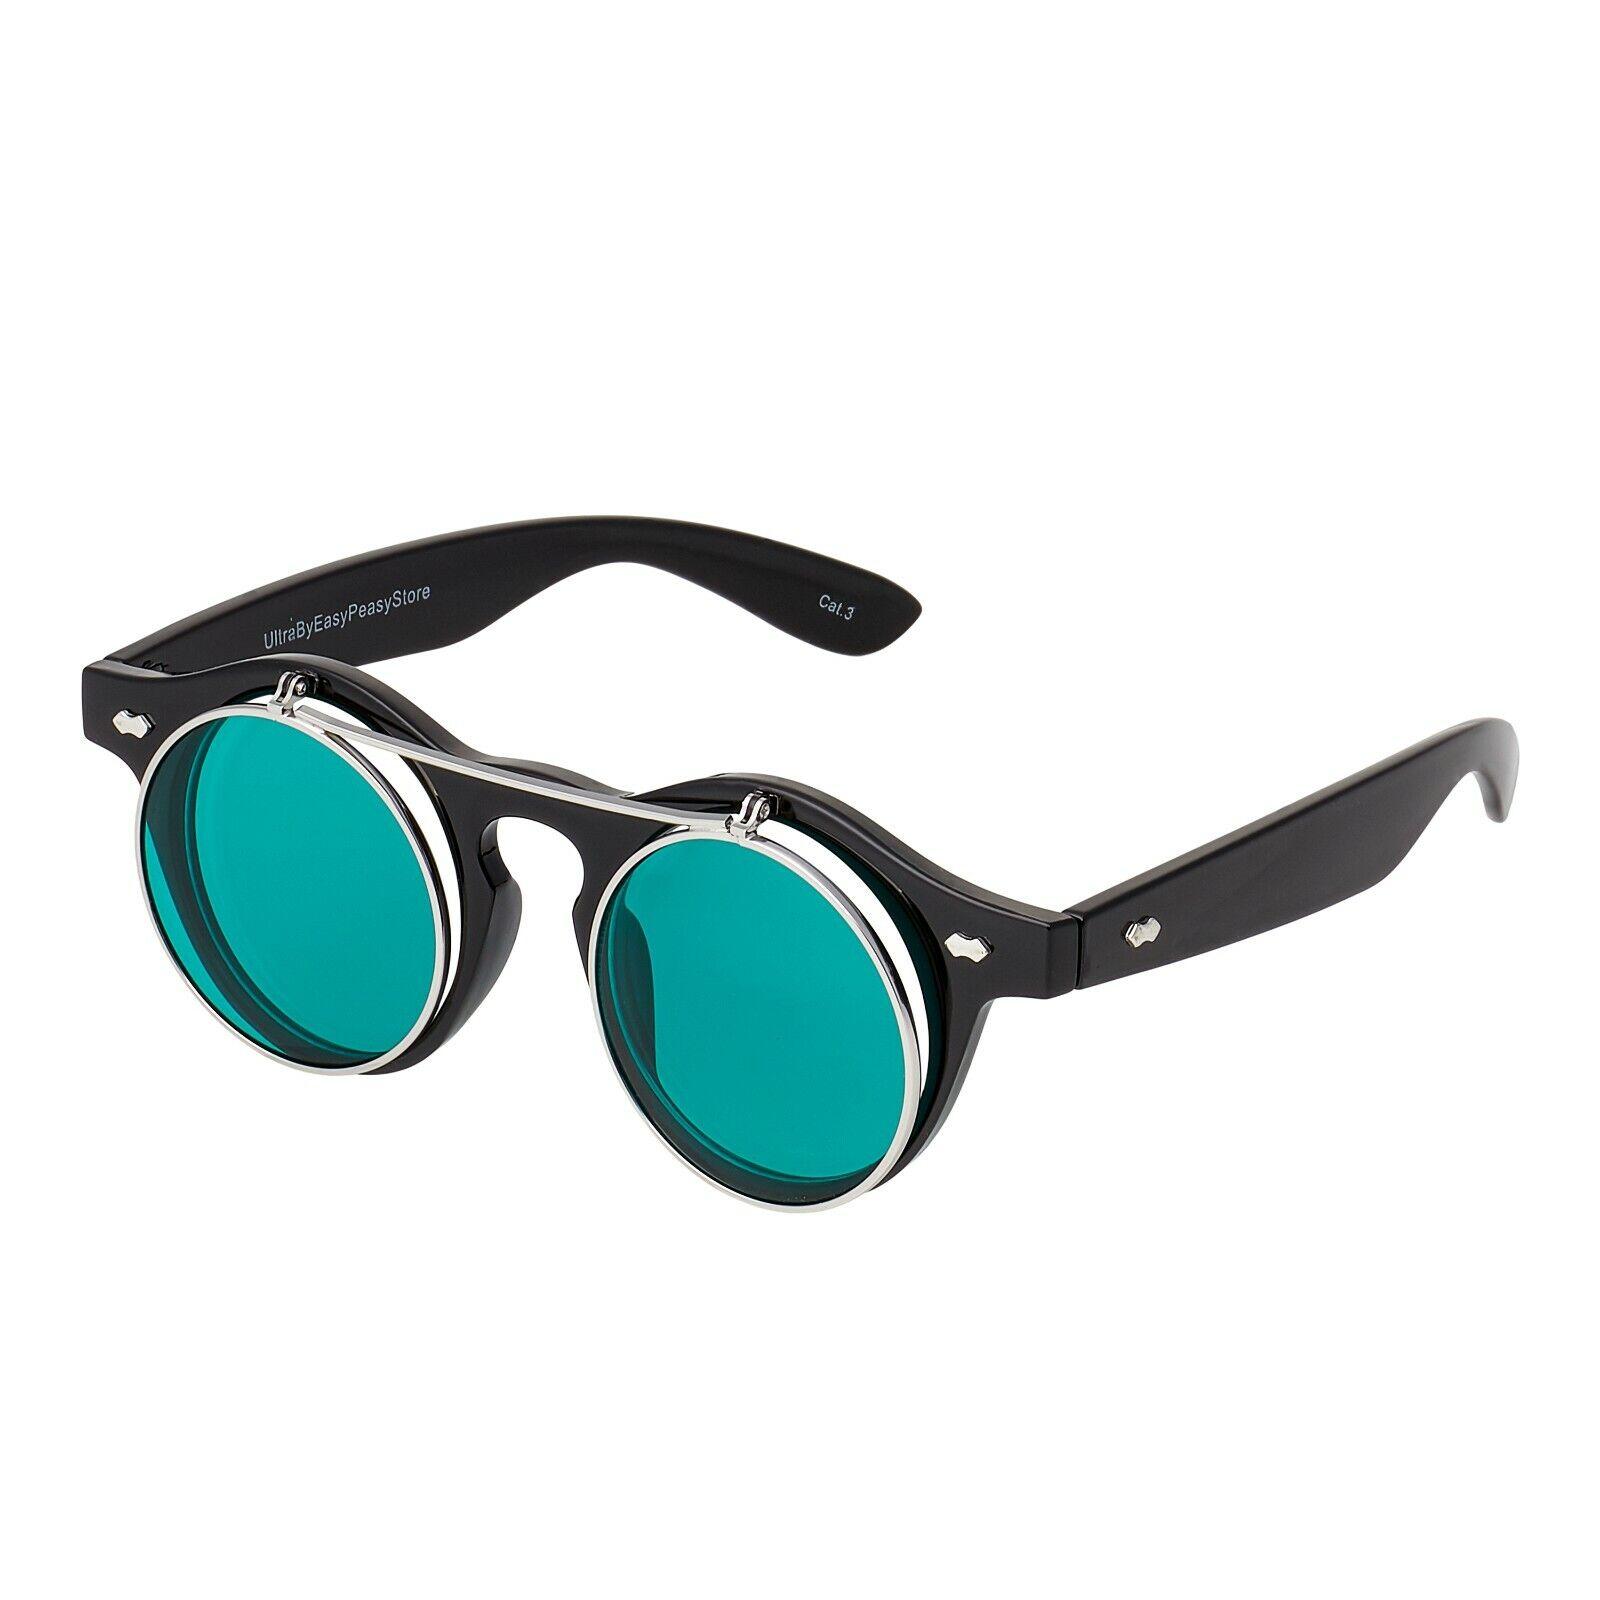 Nero Verde Scuro Flip Up Cerchio Steampunk Occhiali Goggle Occhiali da sole CYBER GOTHIC